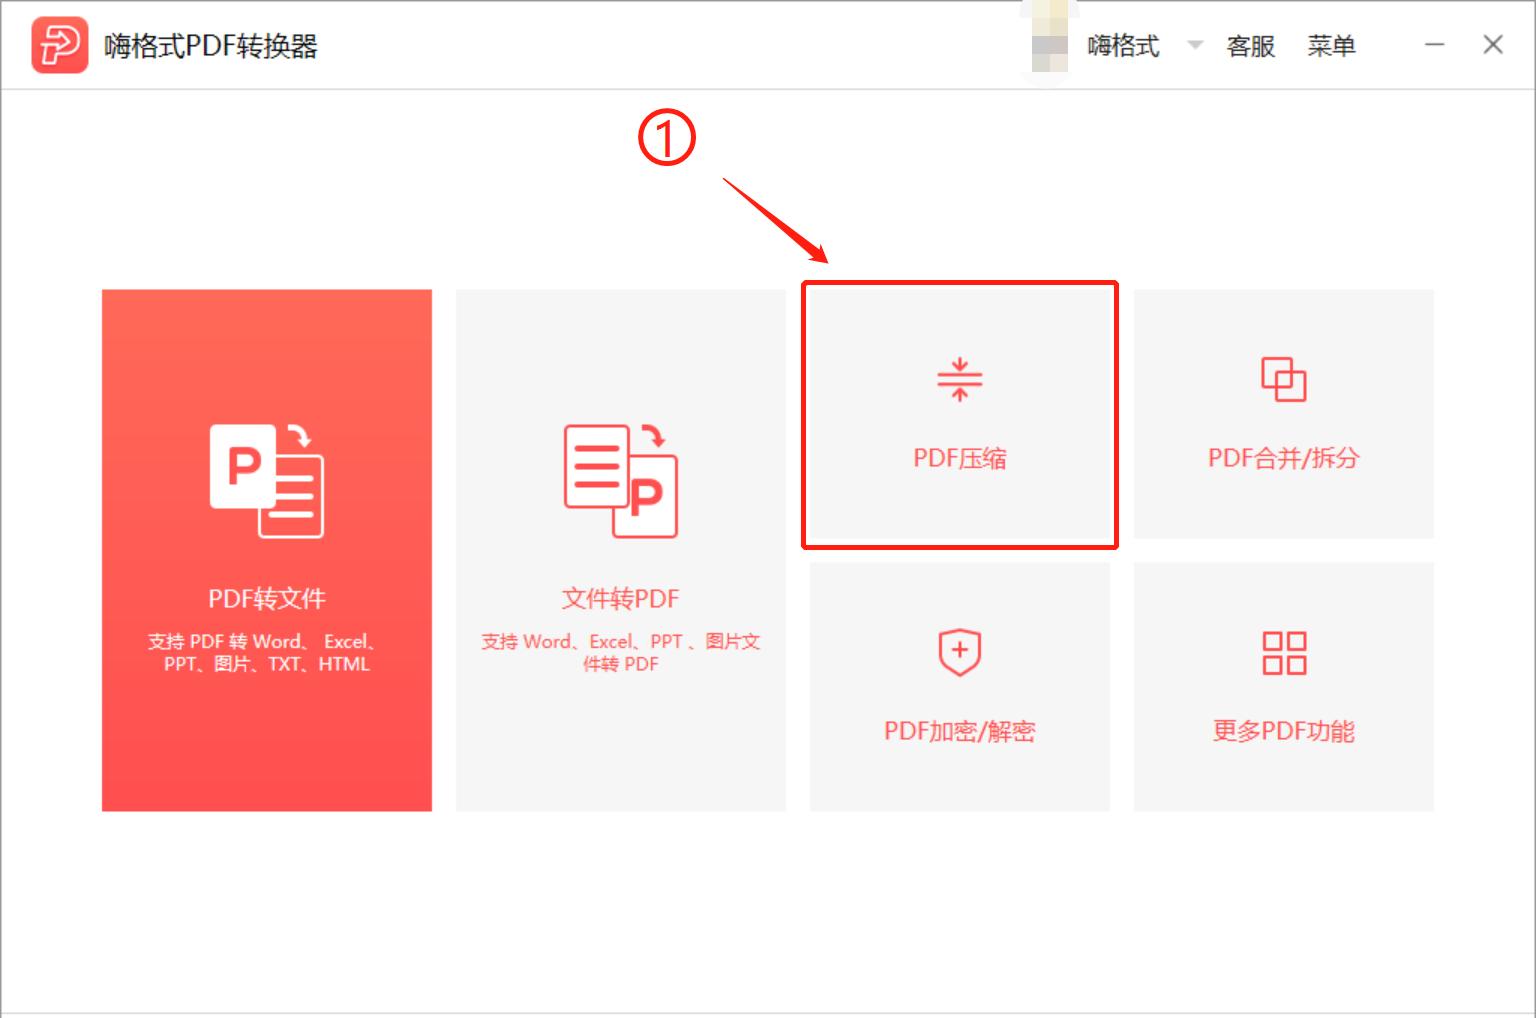 PDF压缩教程